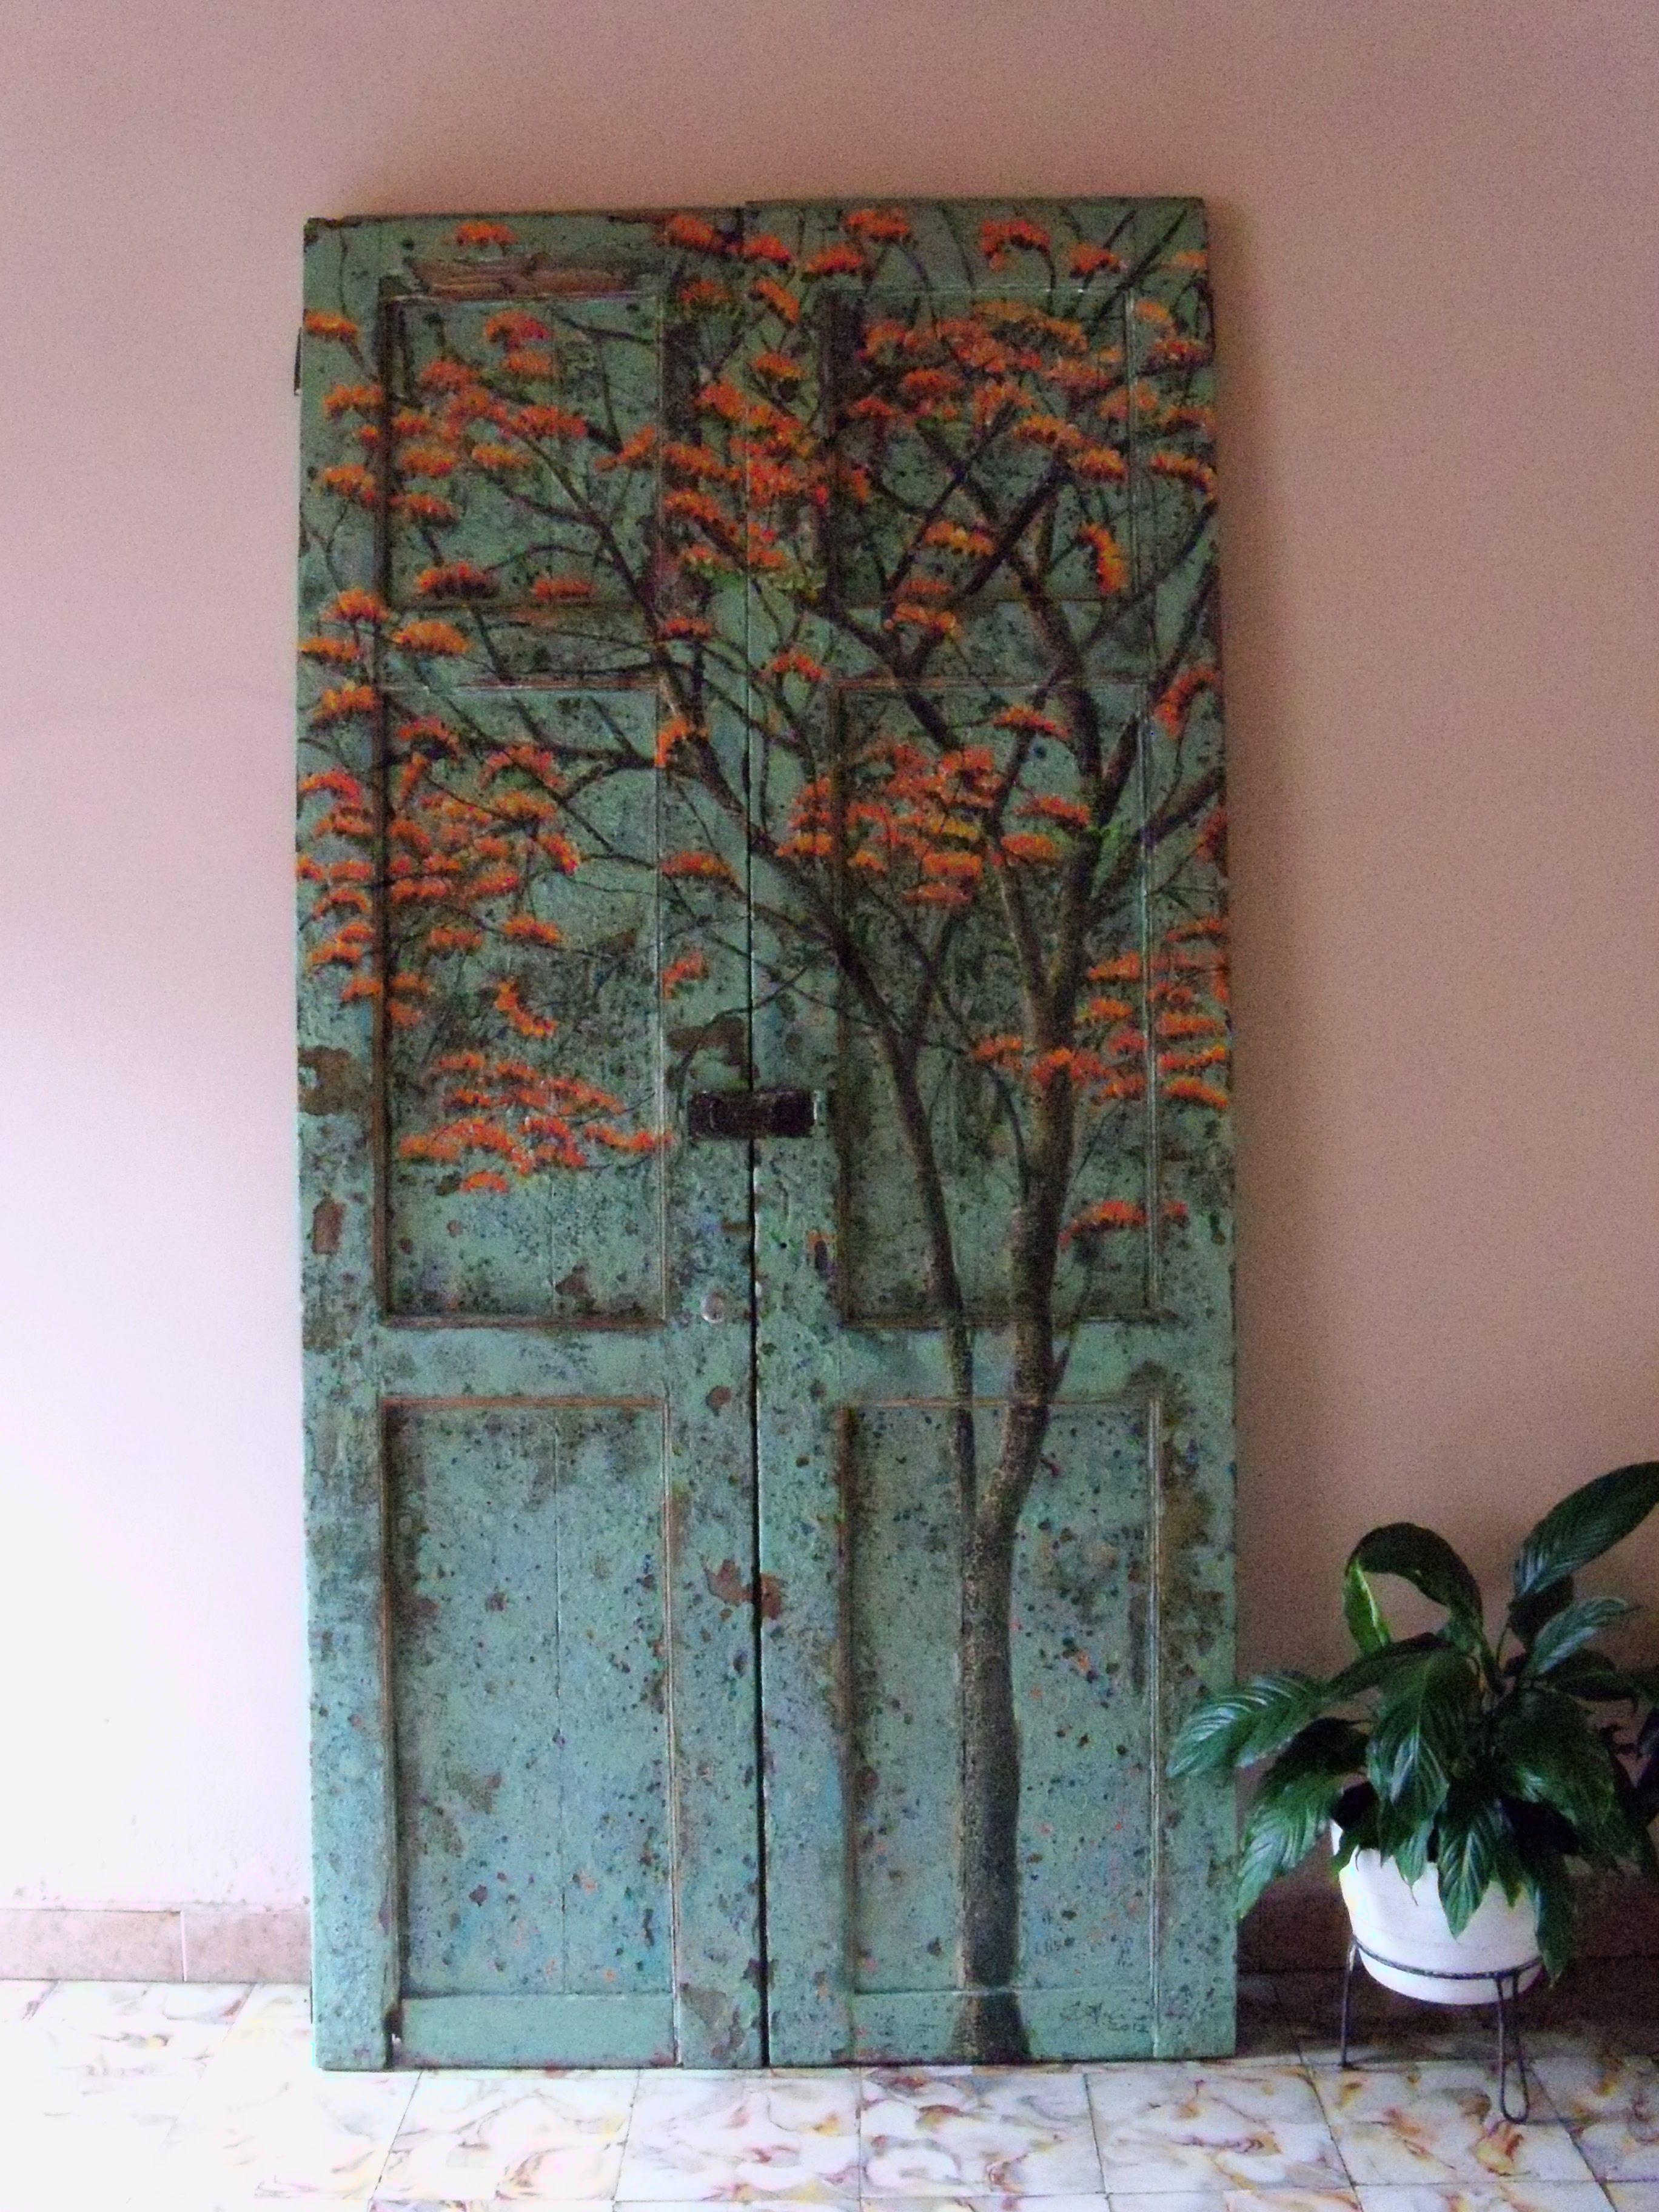 puerta encontrada intervenida con un cambulo en flor